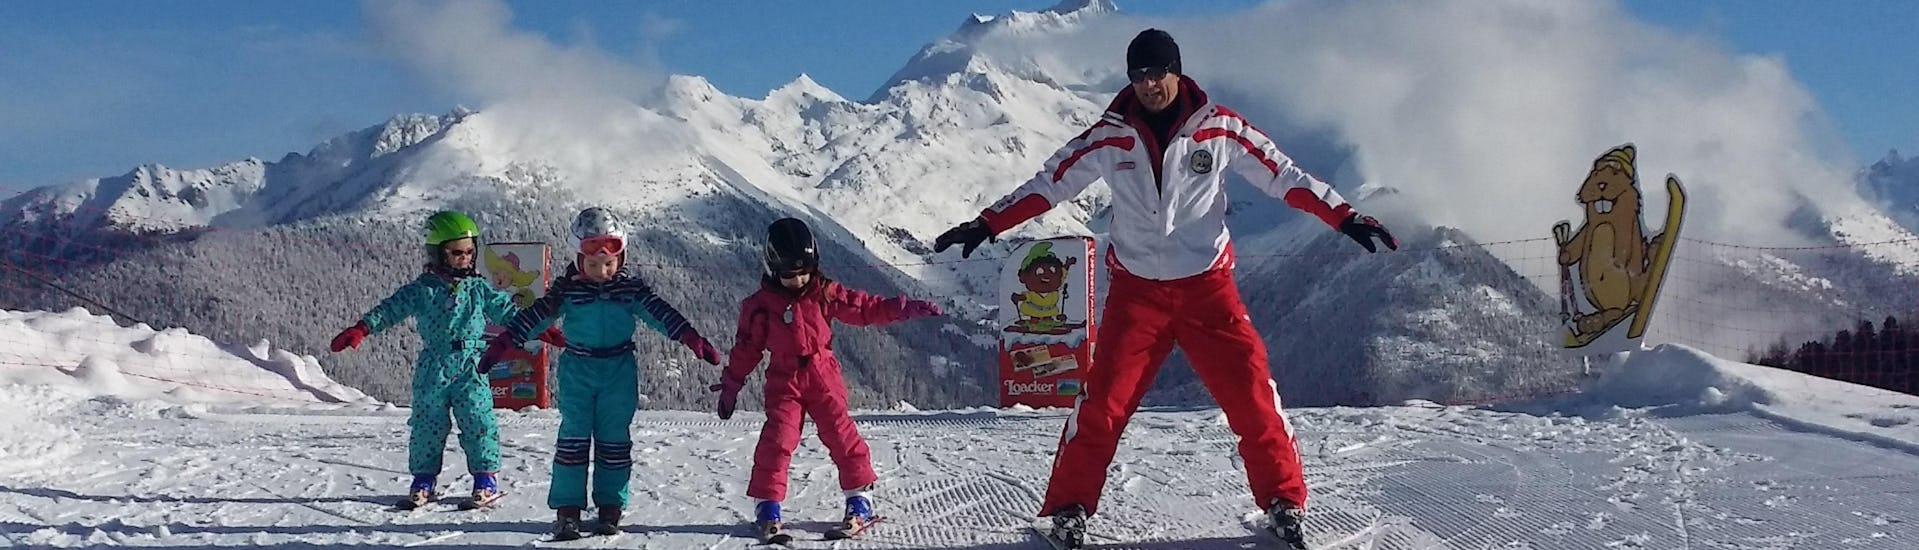 Skilessen voor kinderen vanaf 1 jaar - beginners